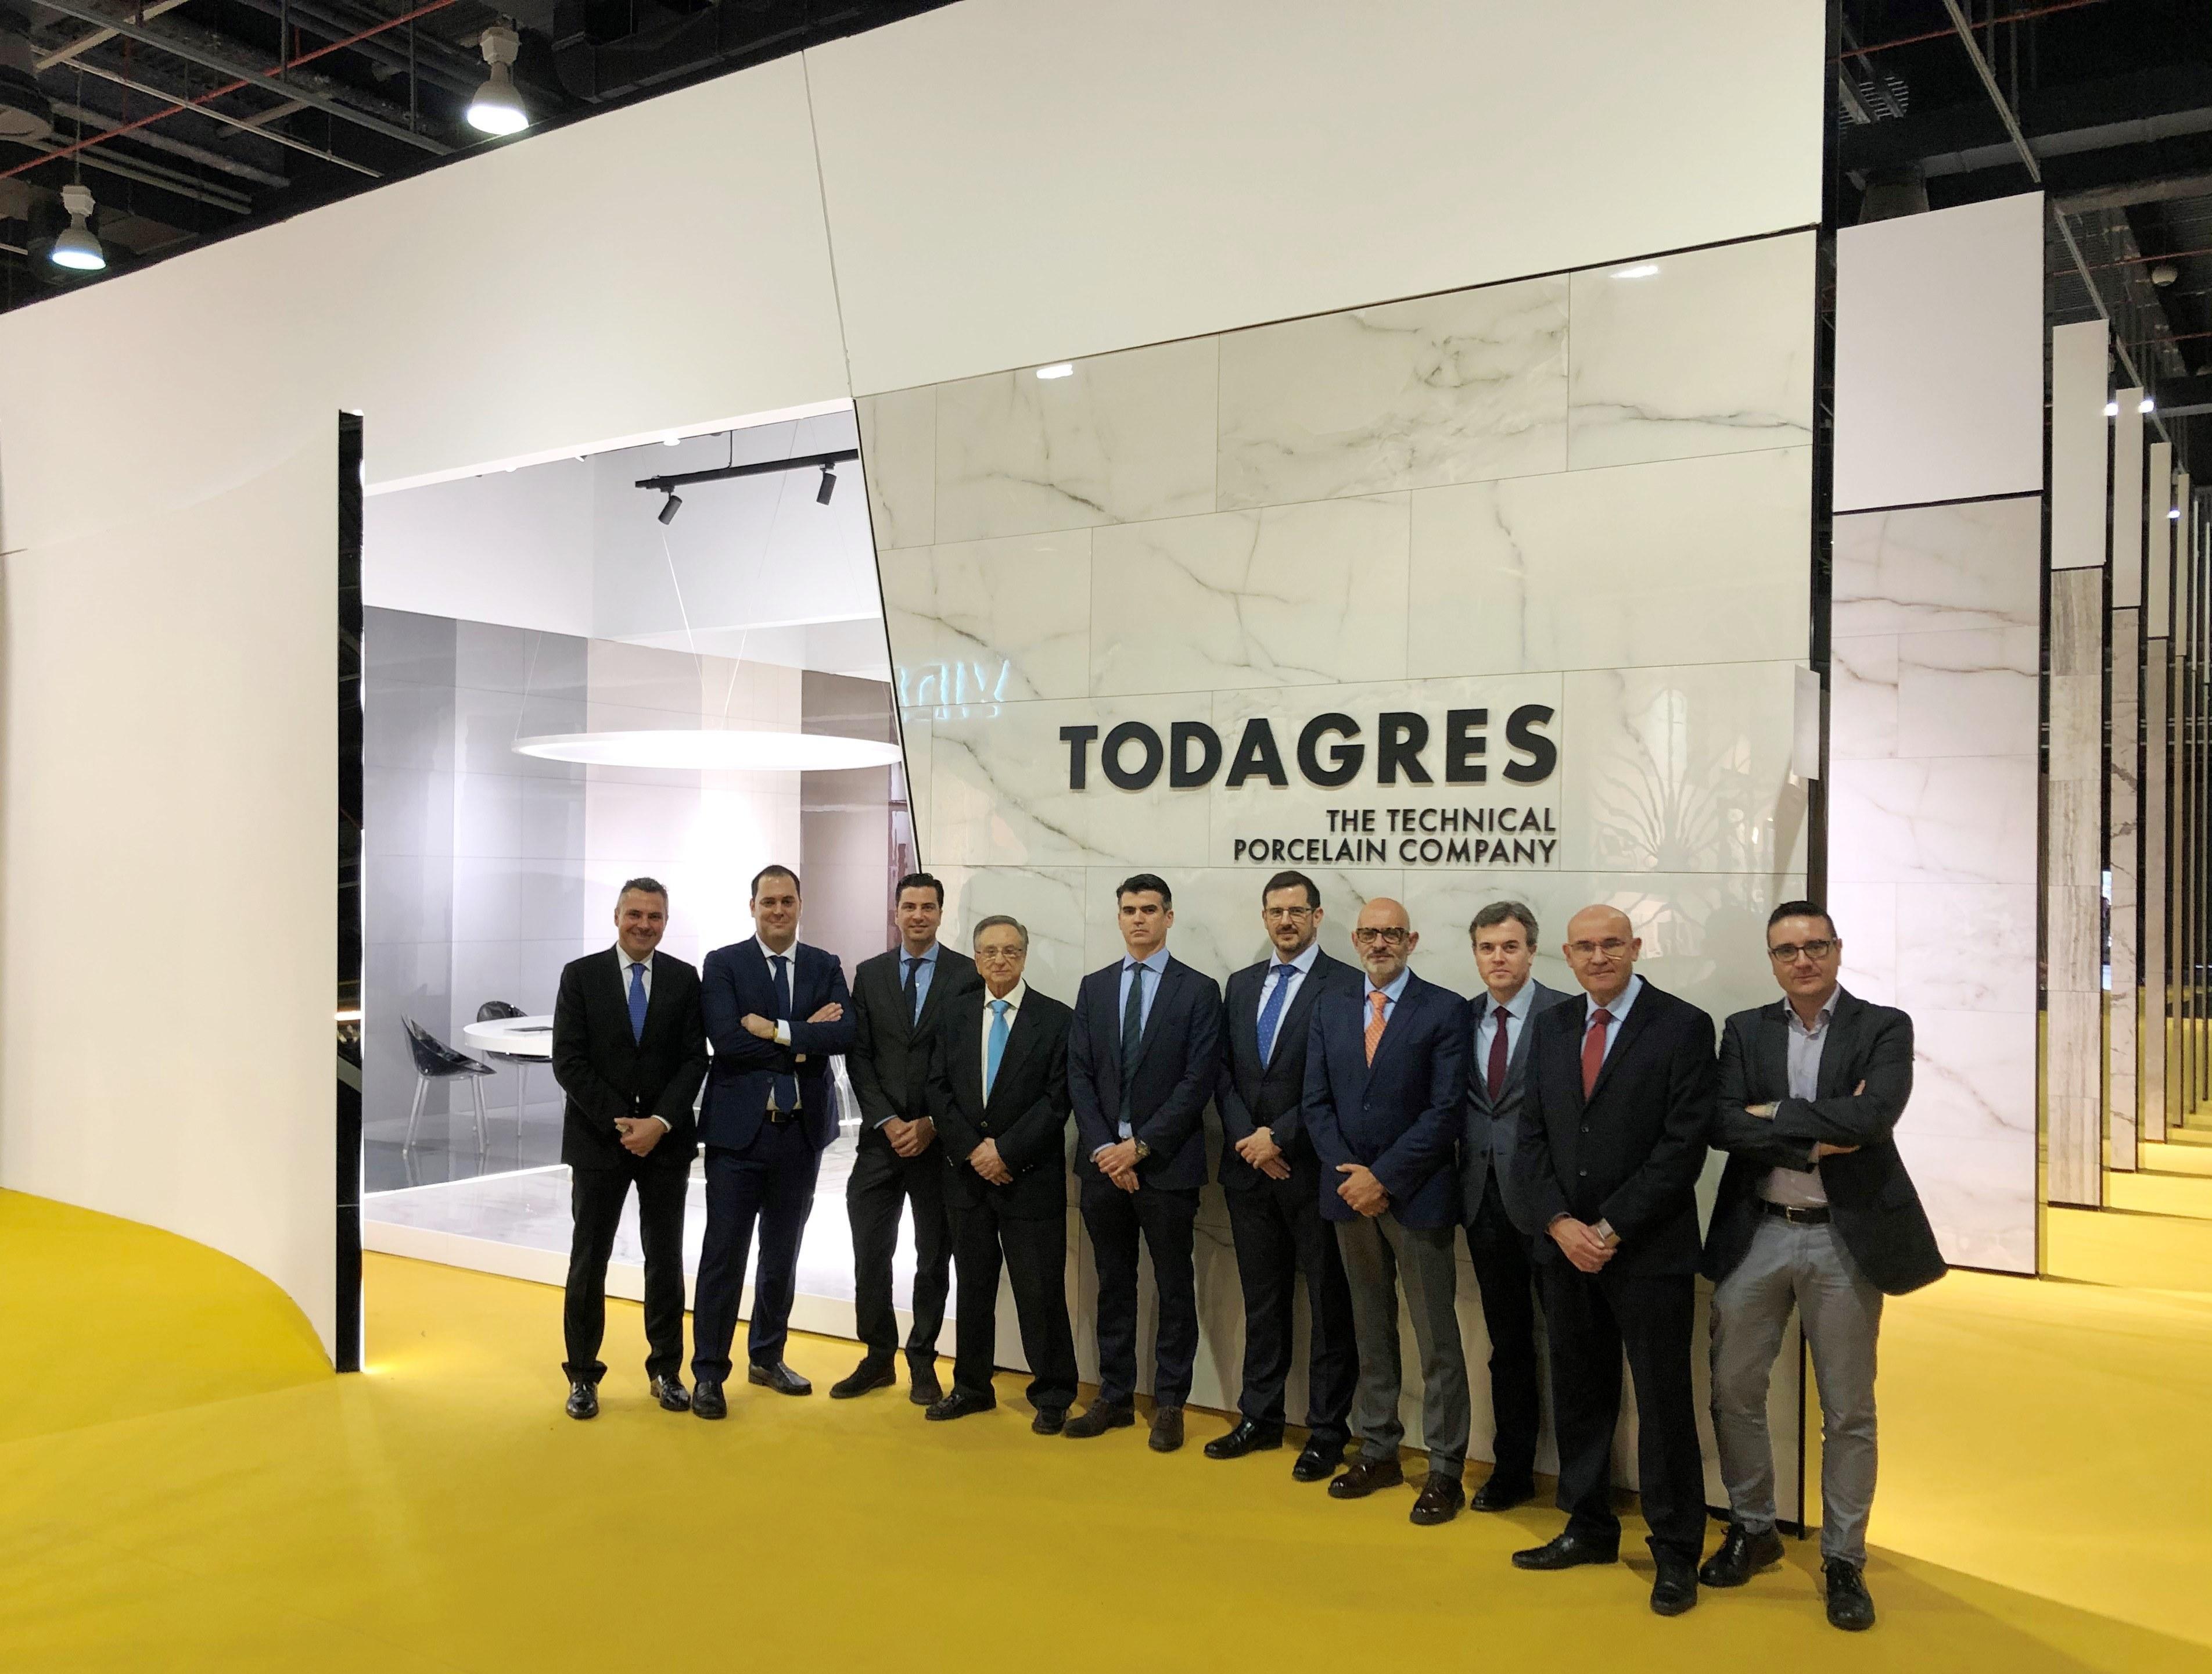 El presidente de Grupo Fuertes, Tomás Fuertes, visita el stand de Todagres en Cevisama 2020